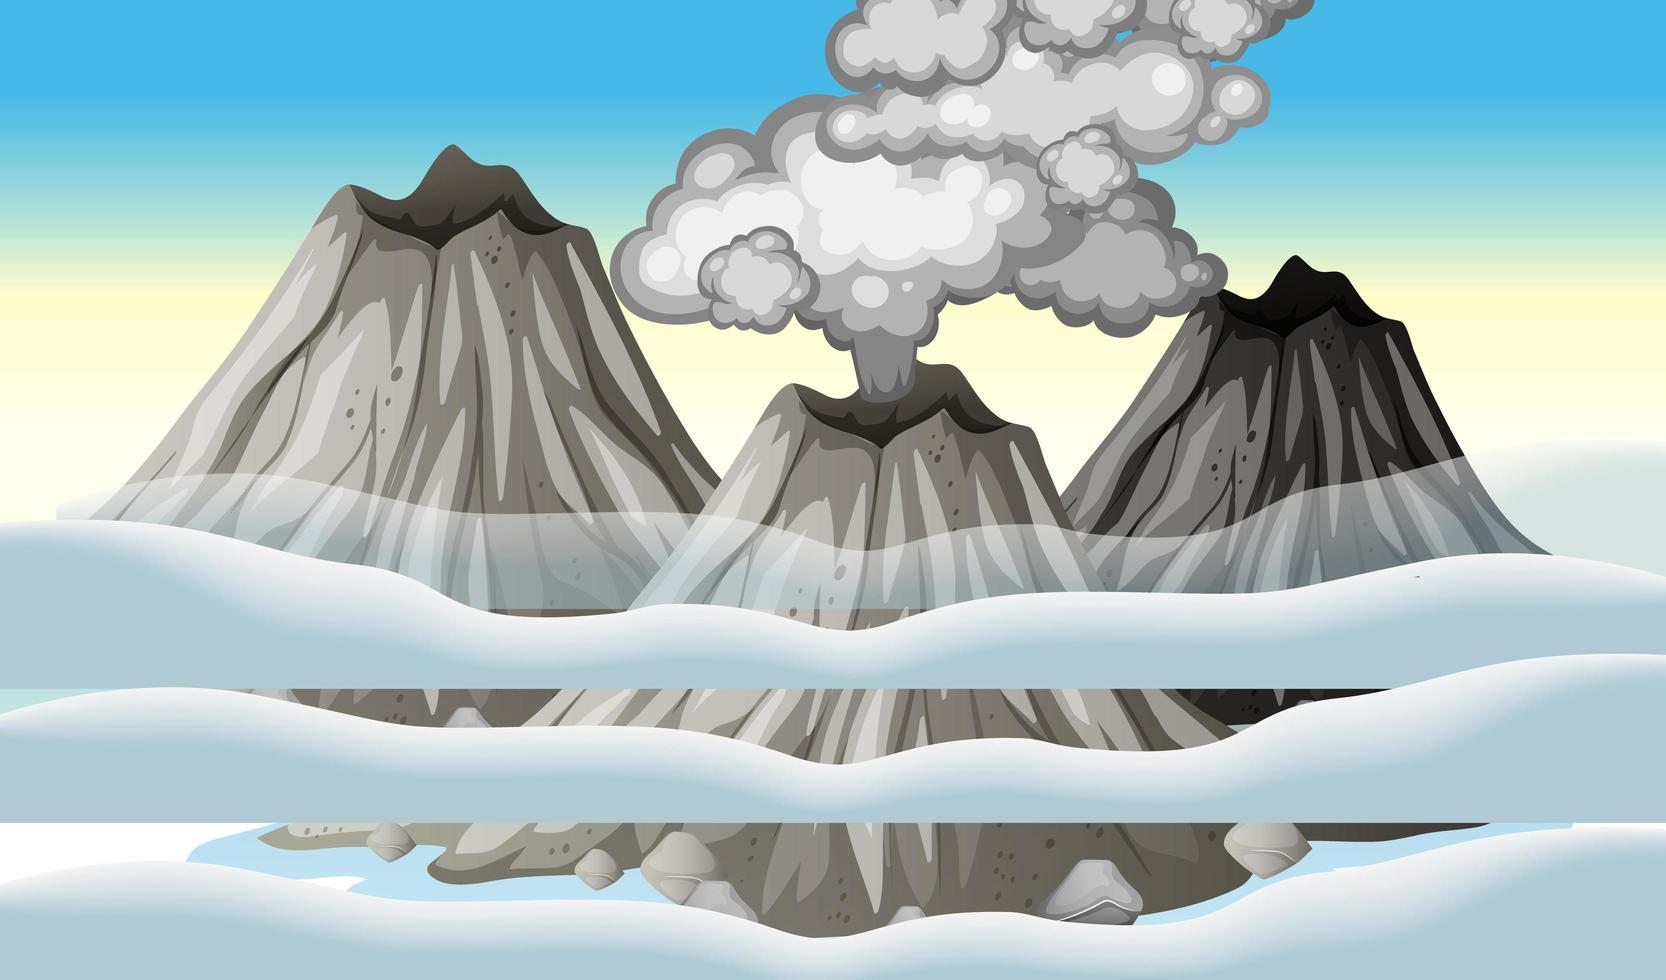 vulkaanuitbarsting in de lucht met wolkenscène overdag vector